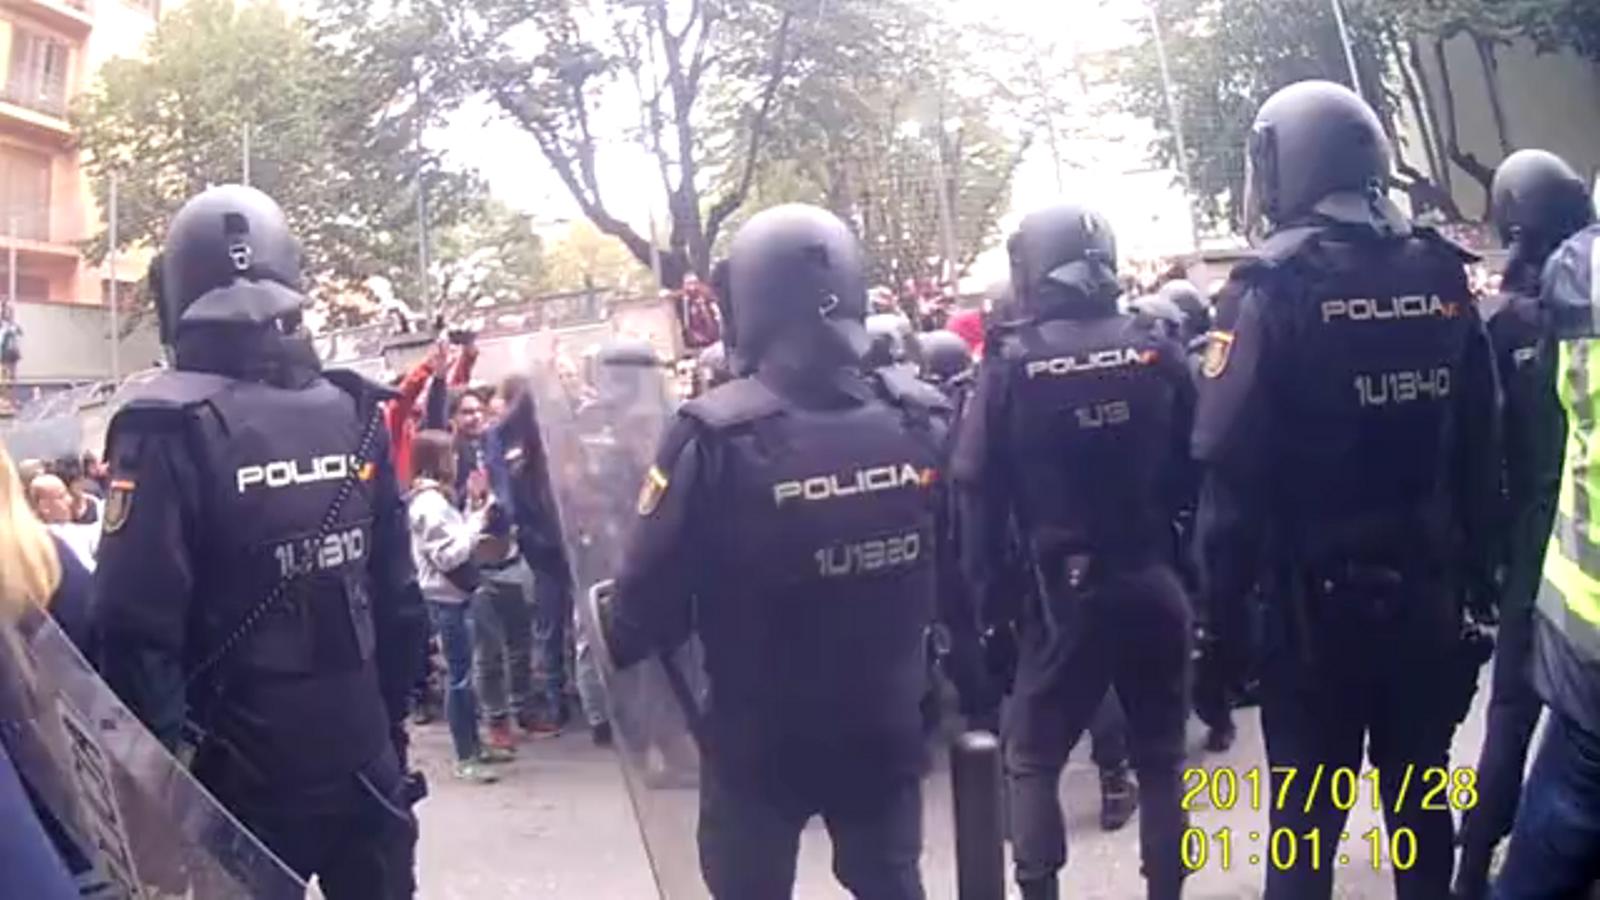 Imatges mostren els dubtes de la policia espanyola a l'hora de carregar l'1-O per la resistència pacífica